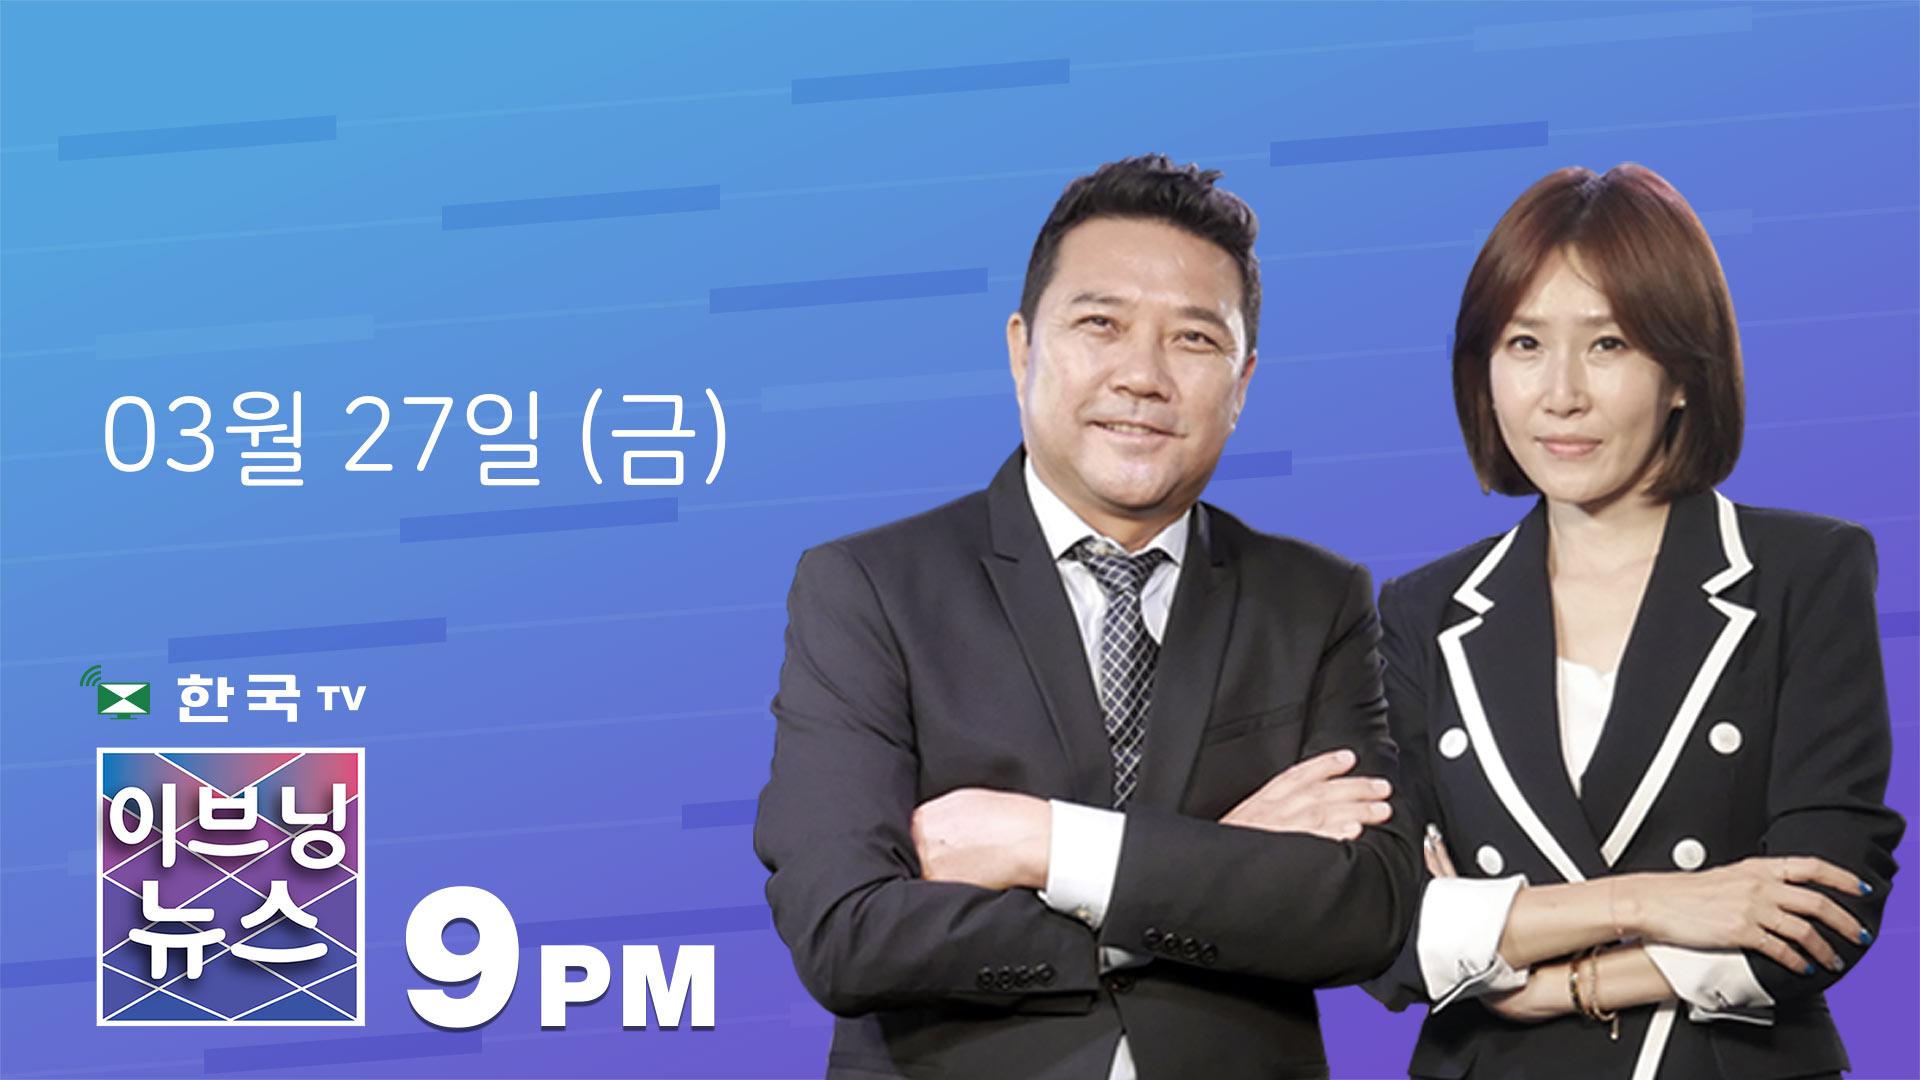 (03.27.2020) 한국TV 이브닝 뉴스